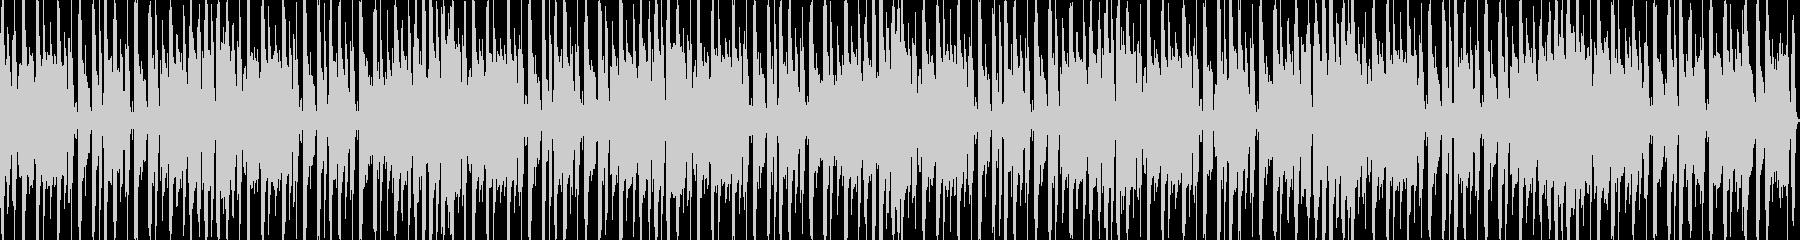 コロコロとした可愛らしいループBGMの未再生の波形